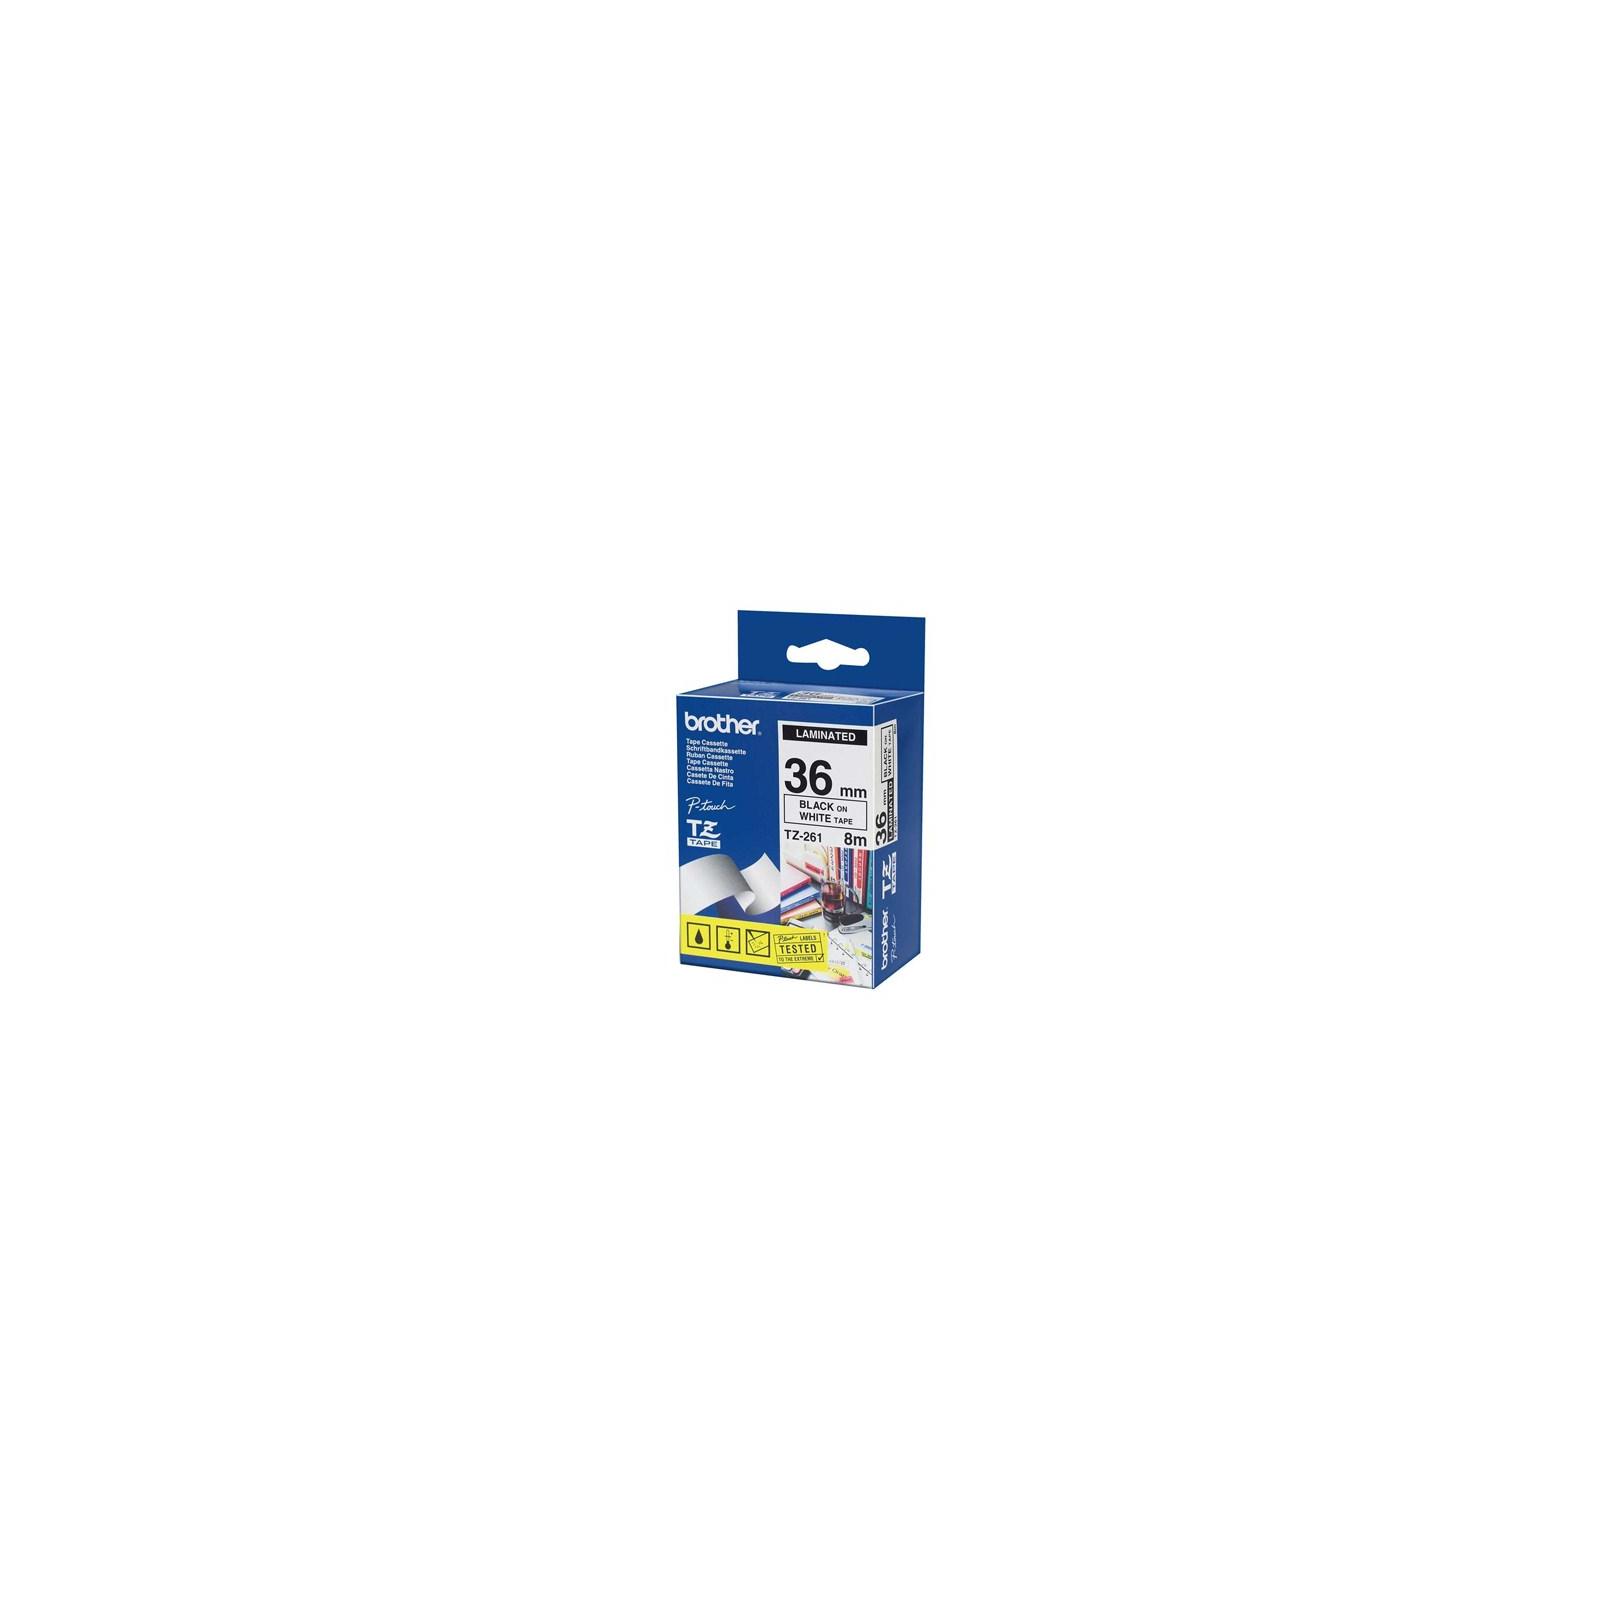 Лента для принтера этикеток Brother TZ261